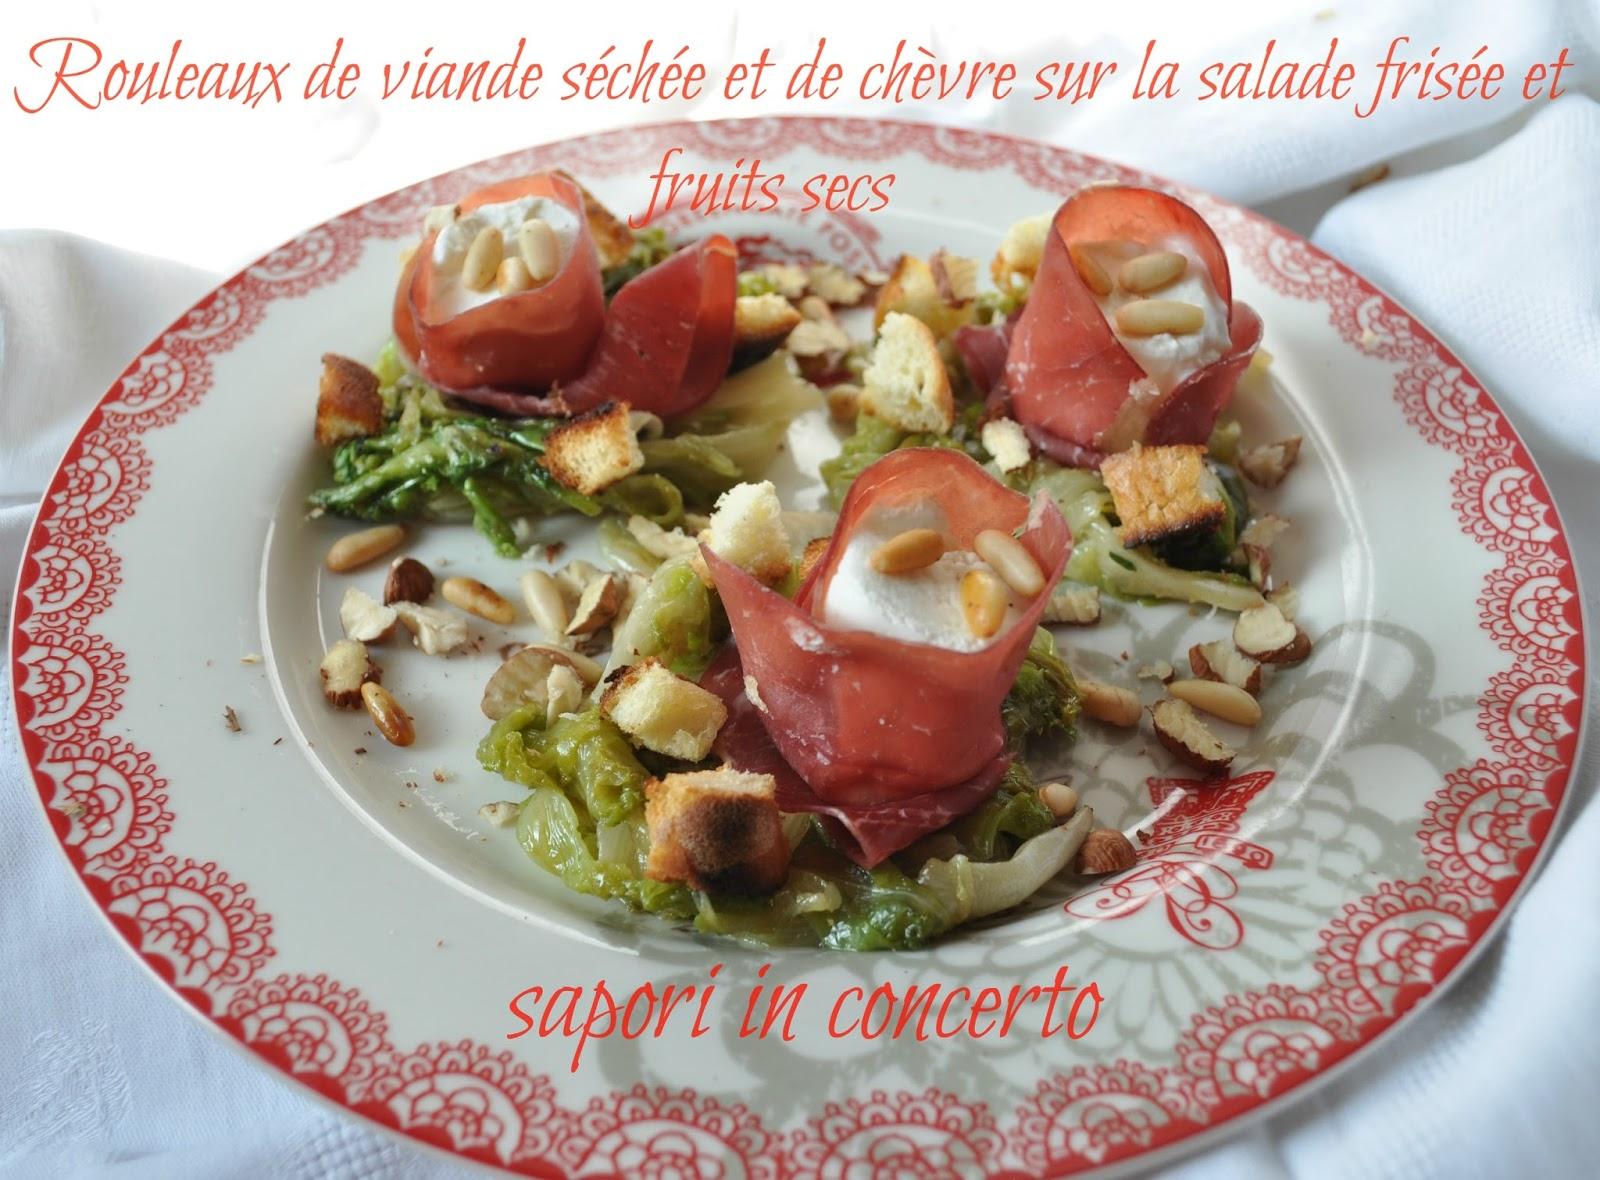 181. Rouleaux de viande séchée et de chèvre sur la salade frisée et fruits secs di Antonella